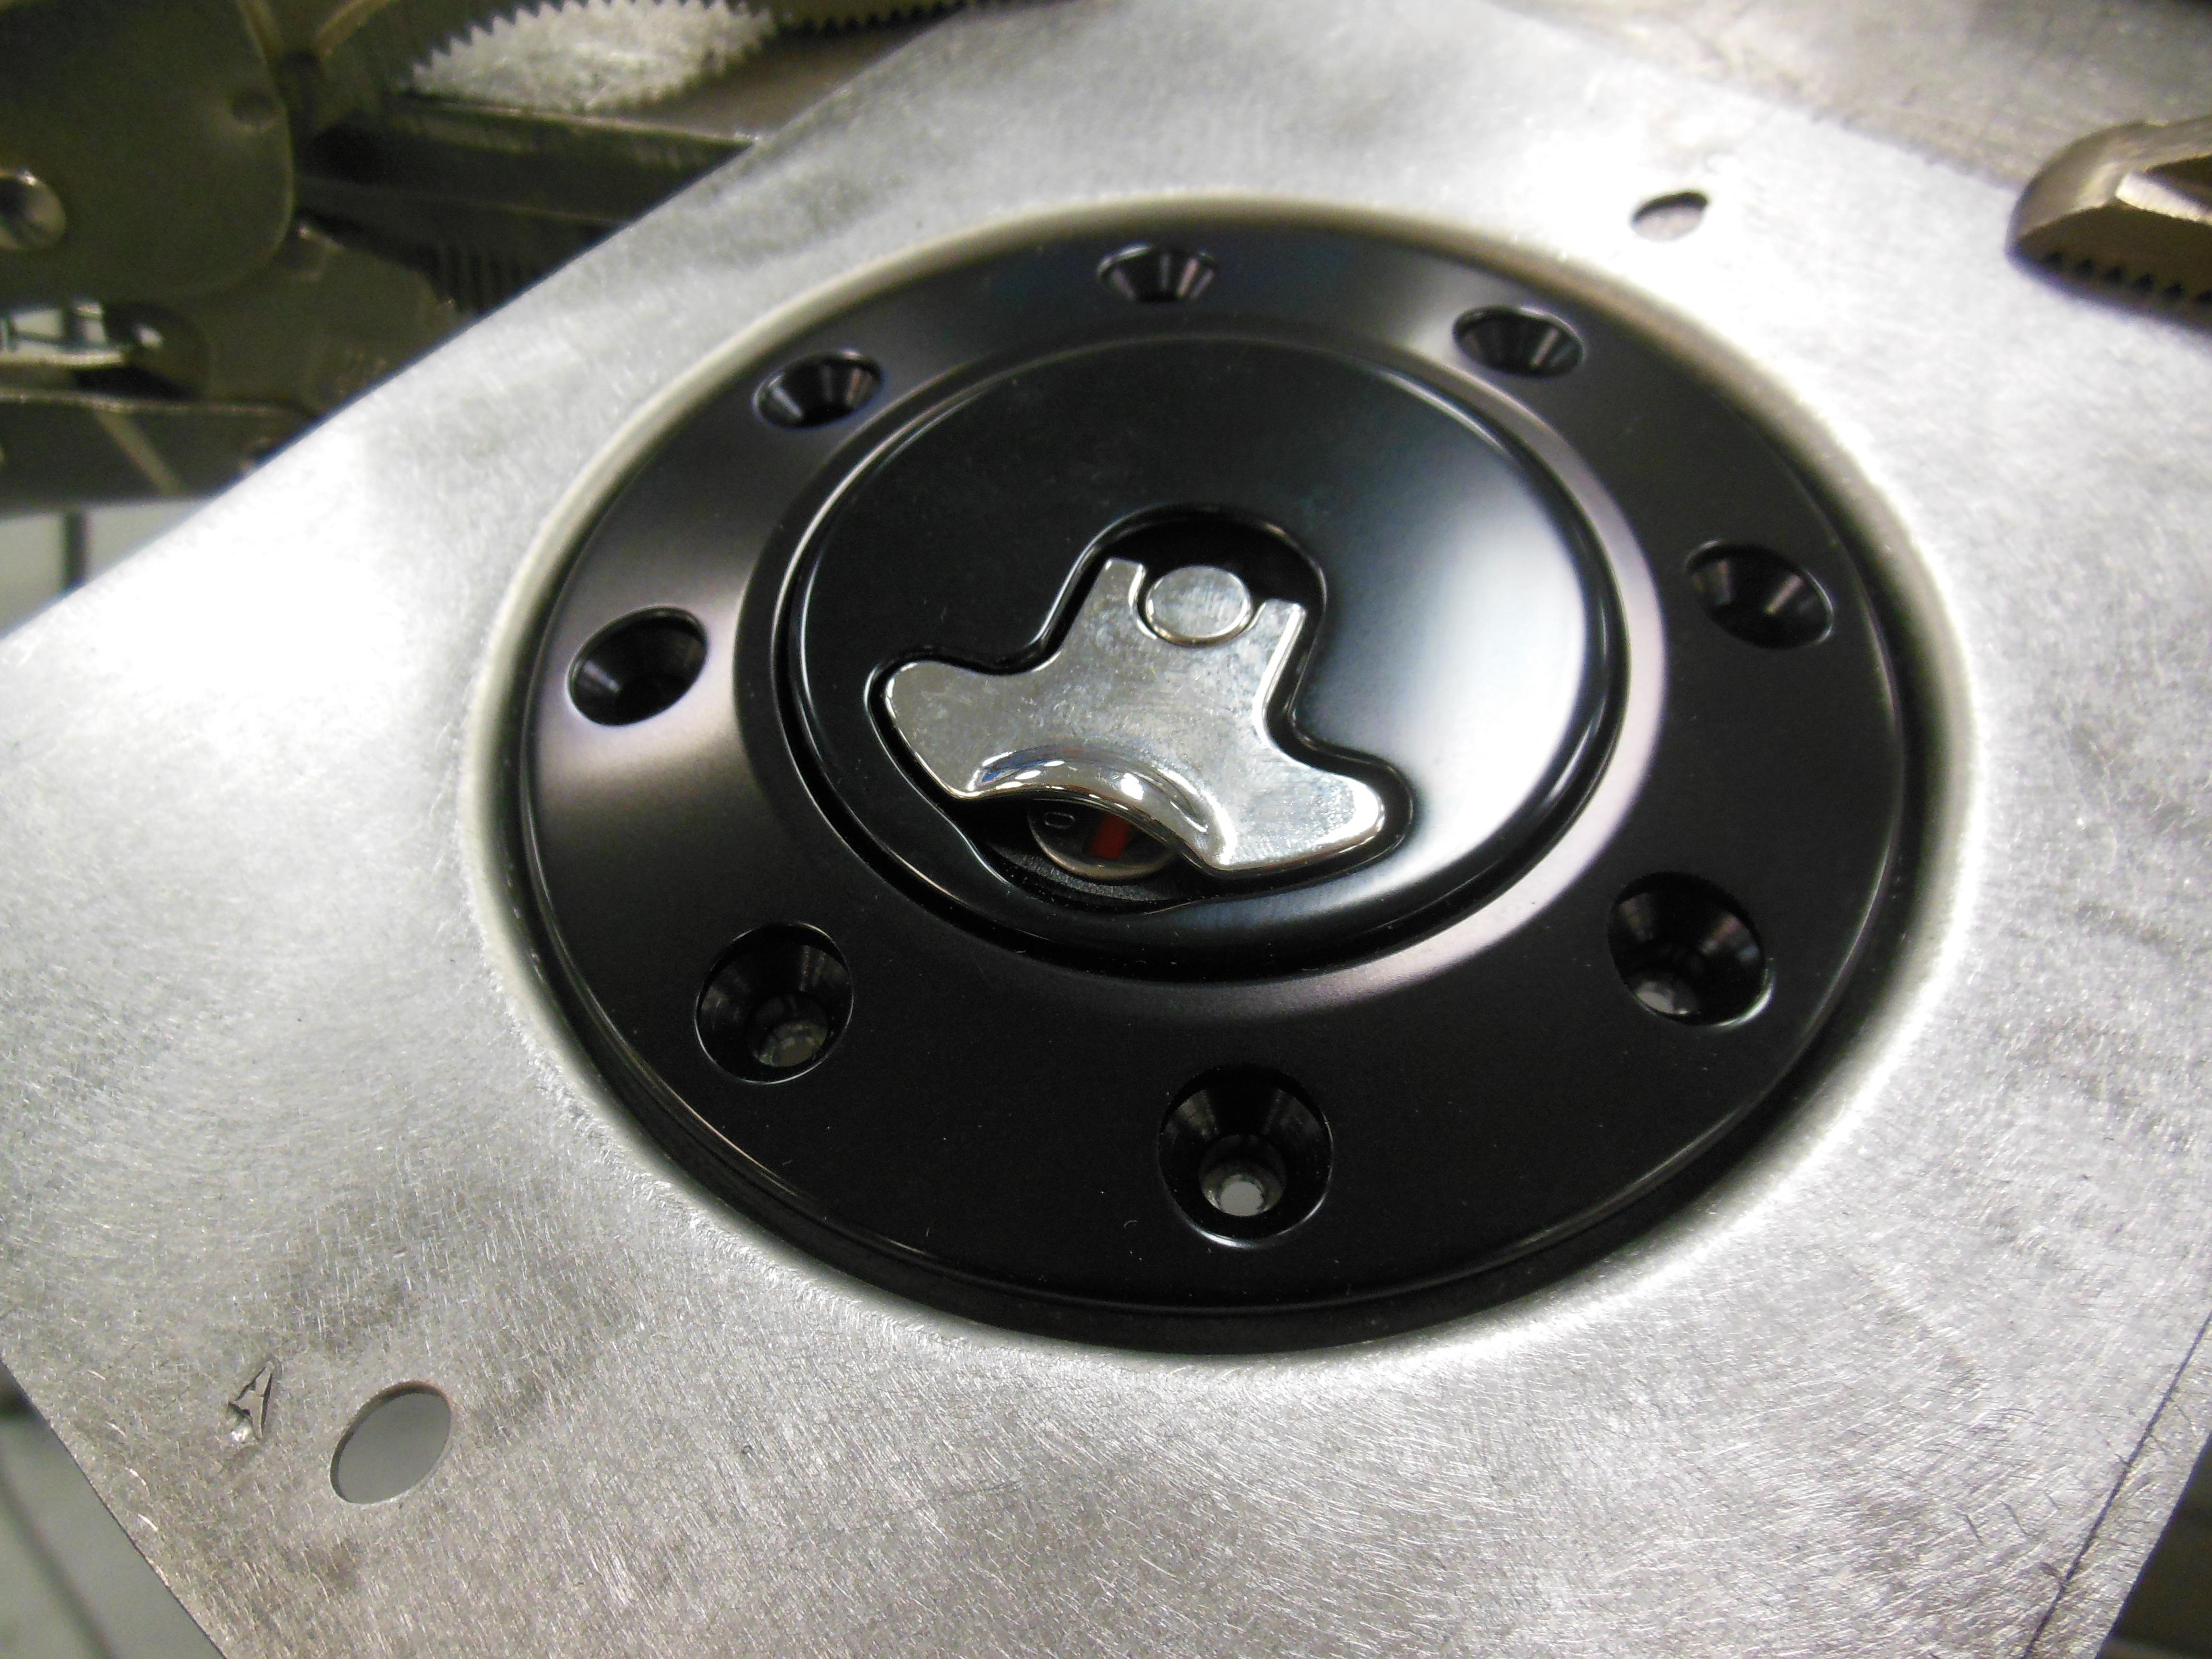 Ridetech Gas Cap - Camaro - Universal - Recessed Panel